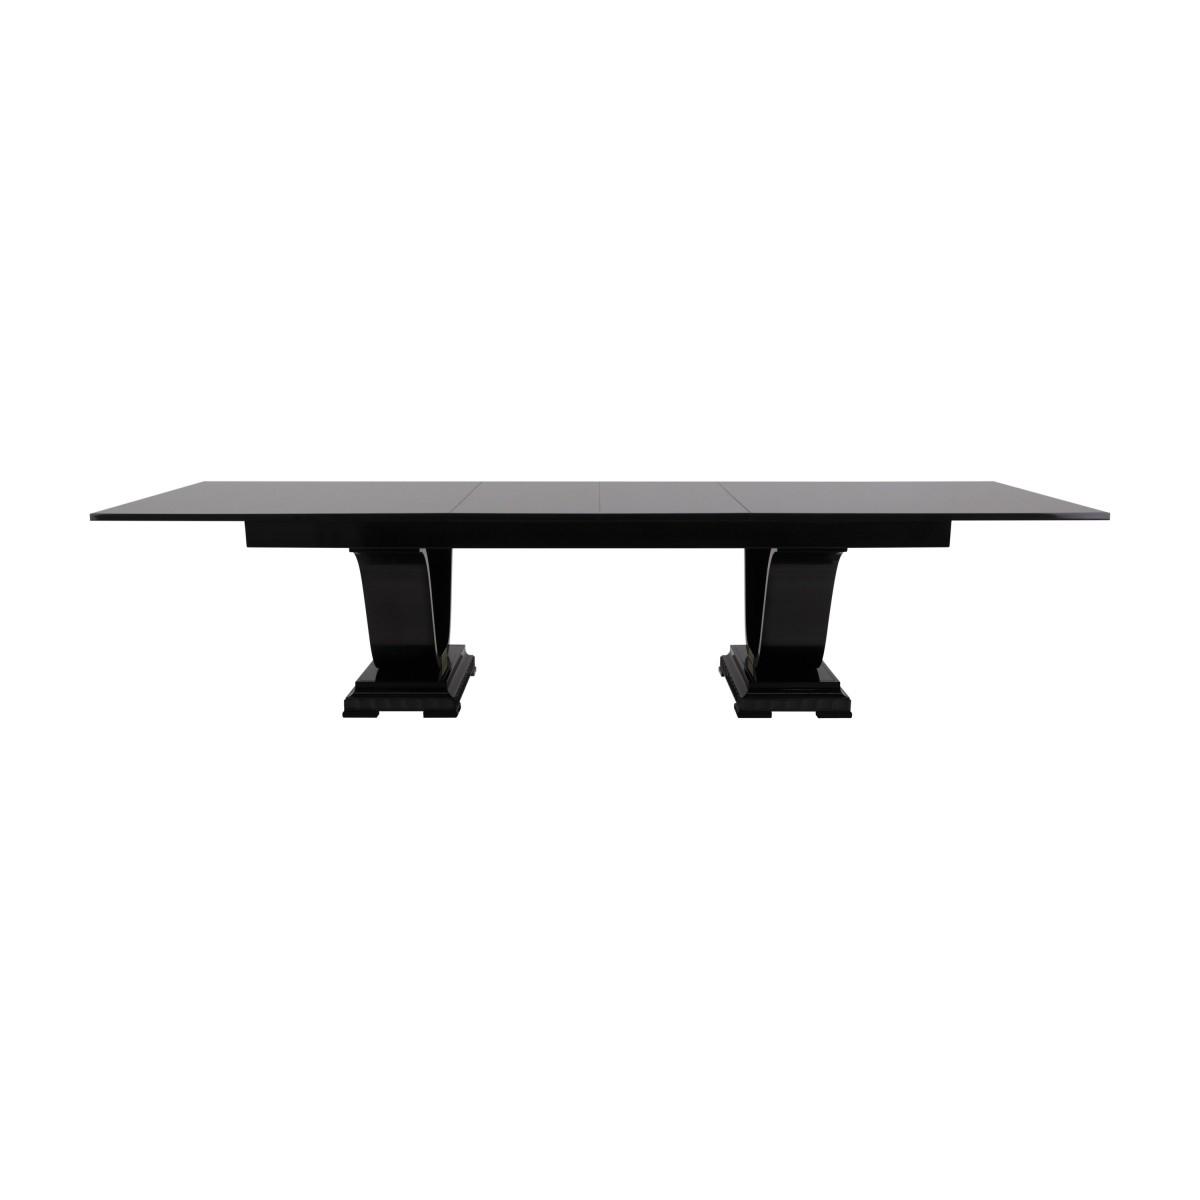 Table Gauss - Sevensedie